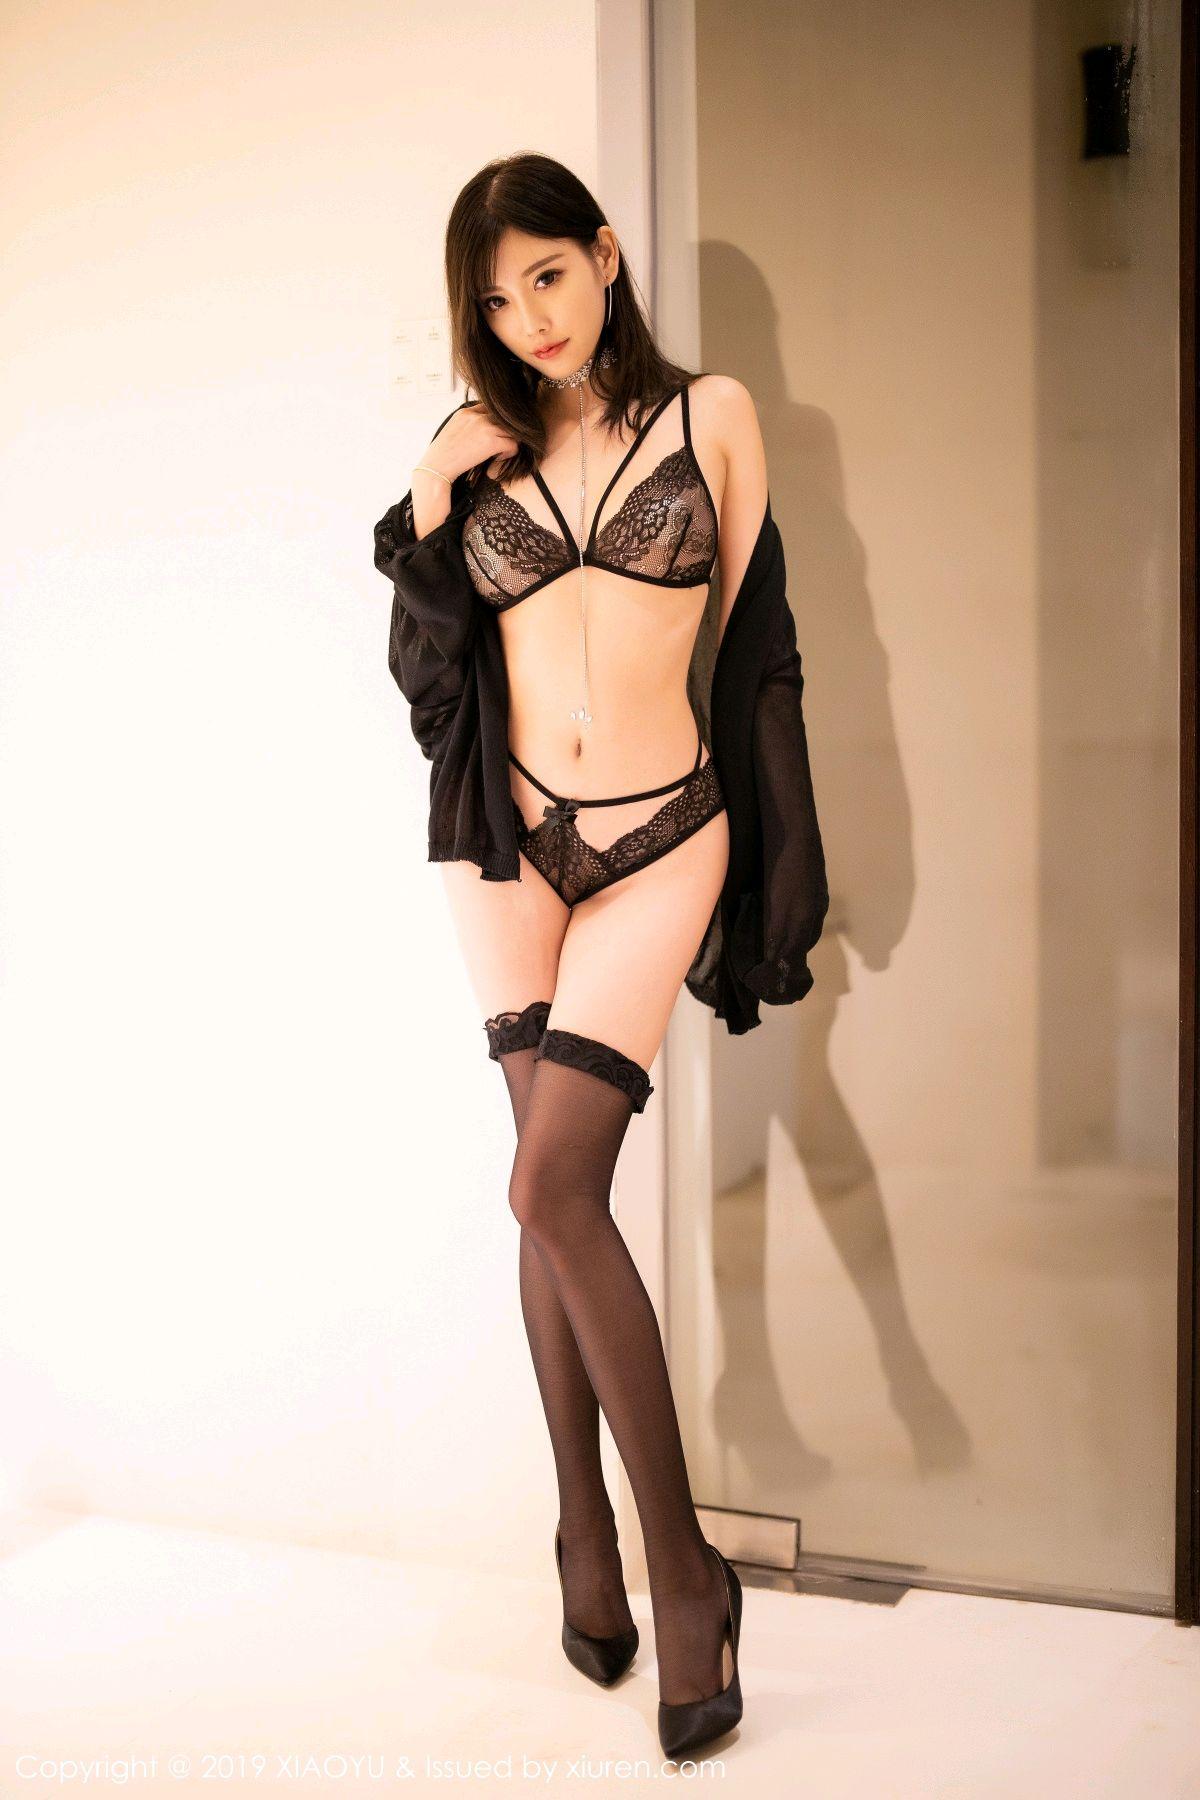 [XiaoYu] Vol.189 Yang Chen Chen 10P, Black Silk, Underwear, XiaoYu, Yang Chen Chen